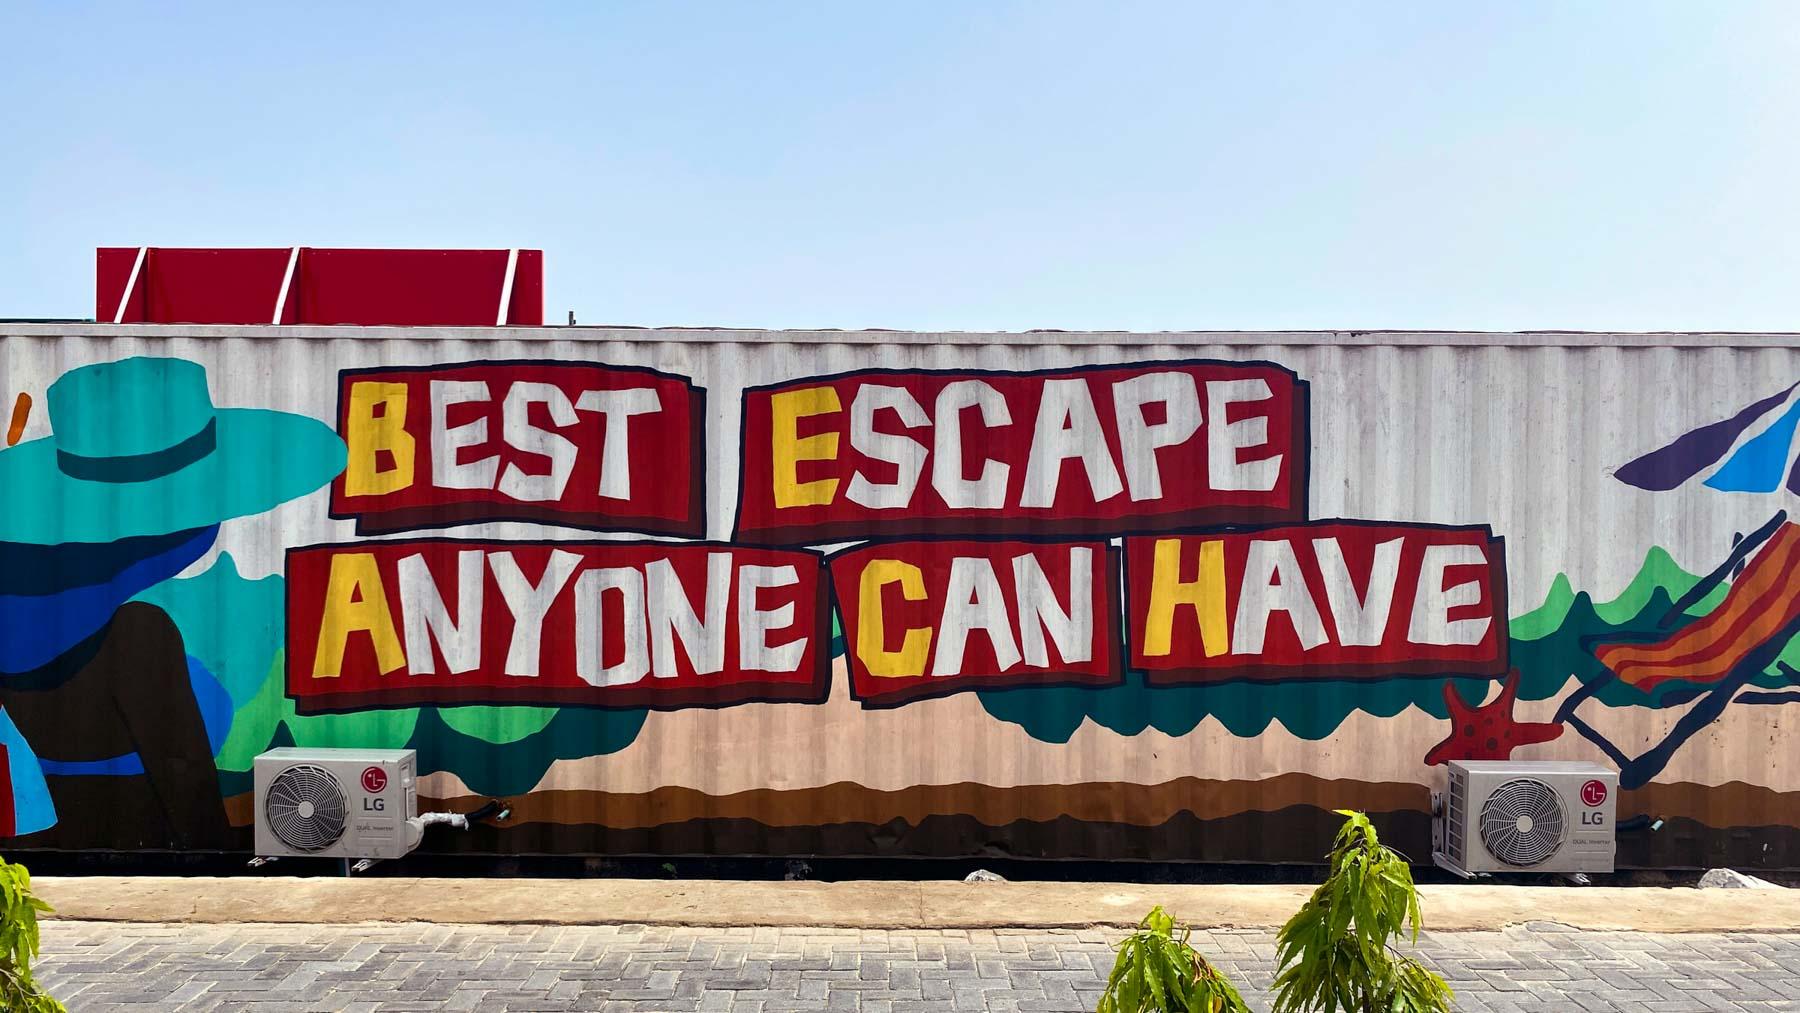 Best Escape